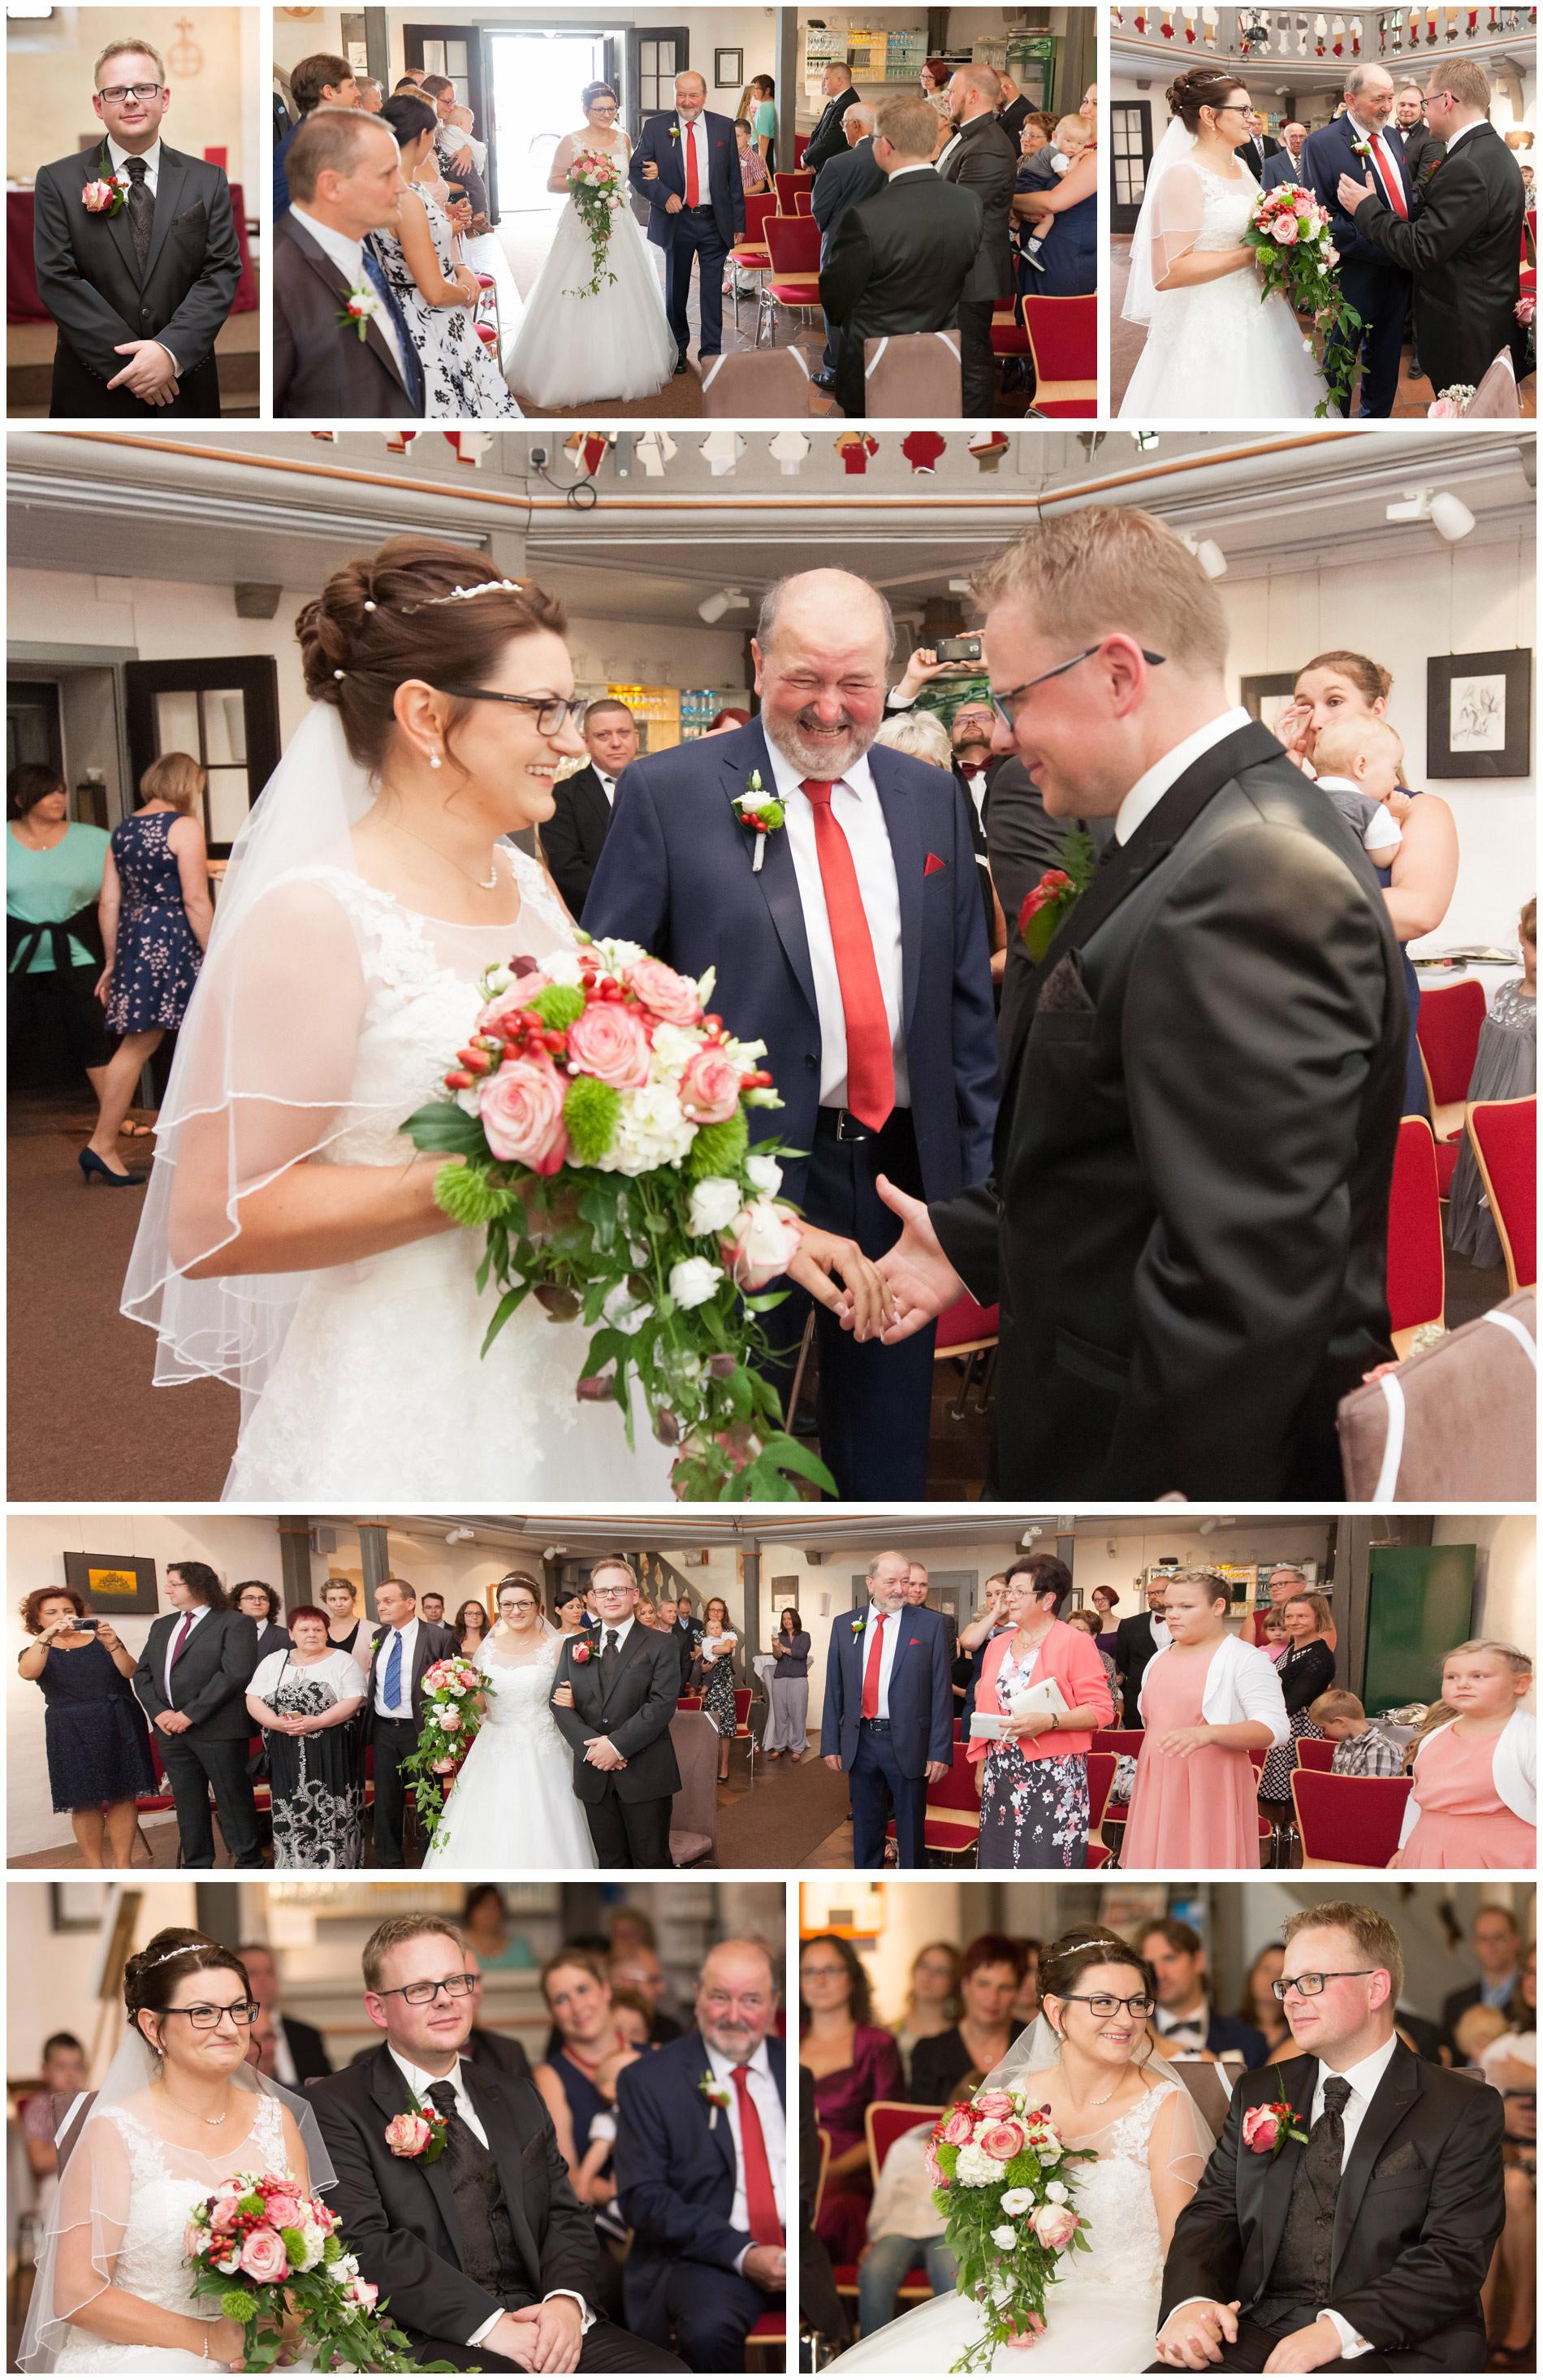 Hochzeitsbilder Kapelle Neuensalz - Hochzeitsfotograf Stephanie Scharschmidt